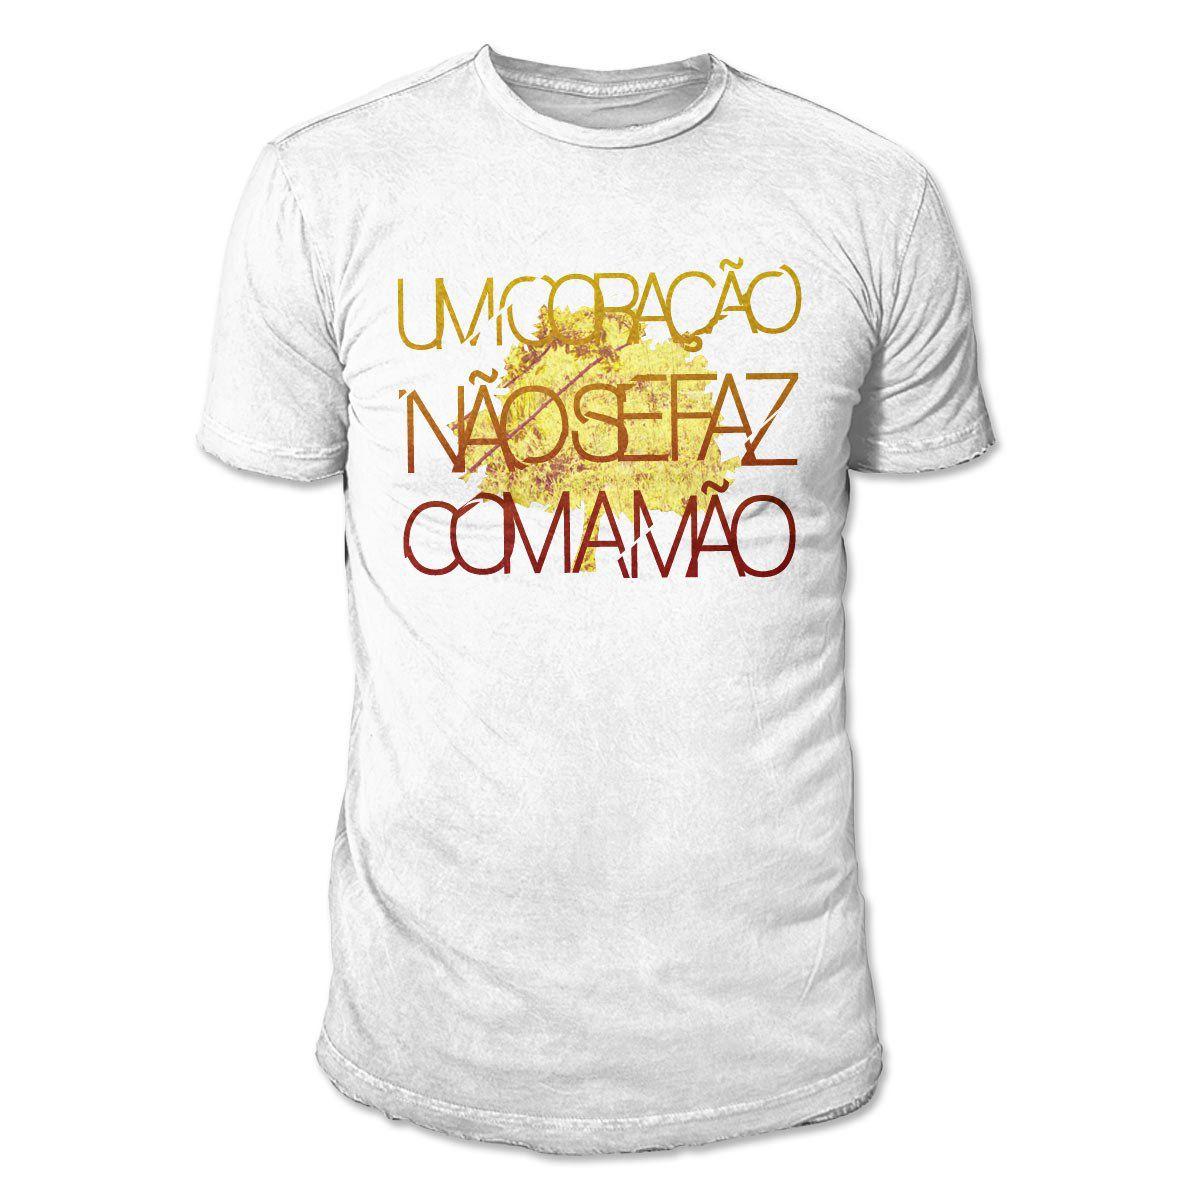 Camiseta Masculina Fresno - Coração Modelo 1